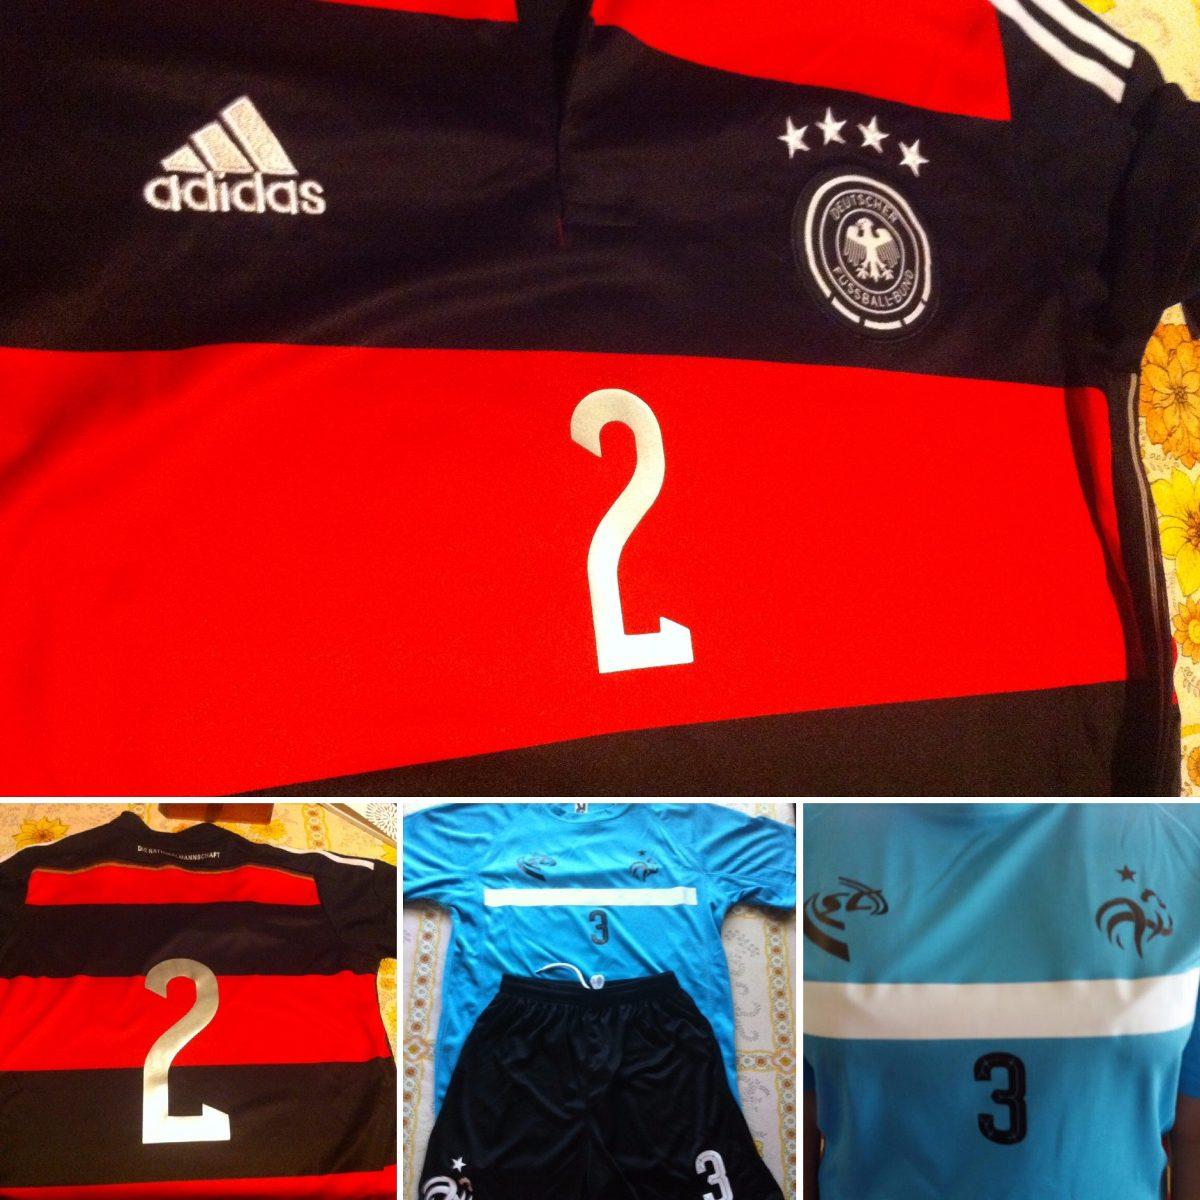 Estampados Para Camisetas De Futbol -   1.000 en Mercado Libre f18ee2d0cd7b9